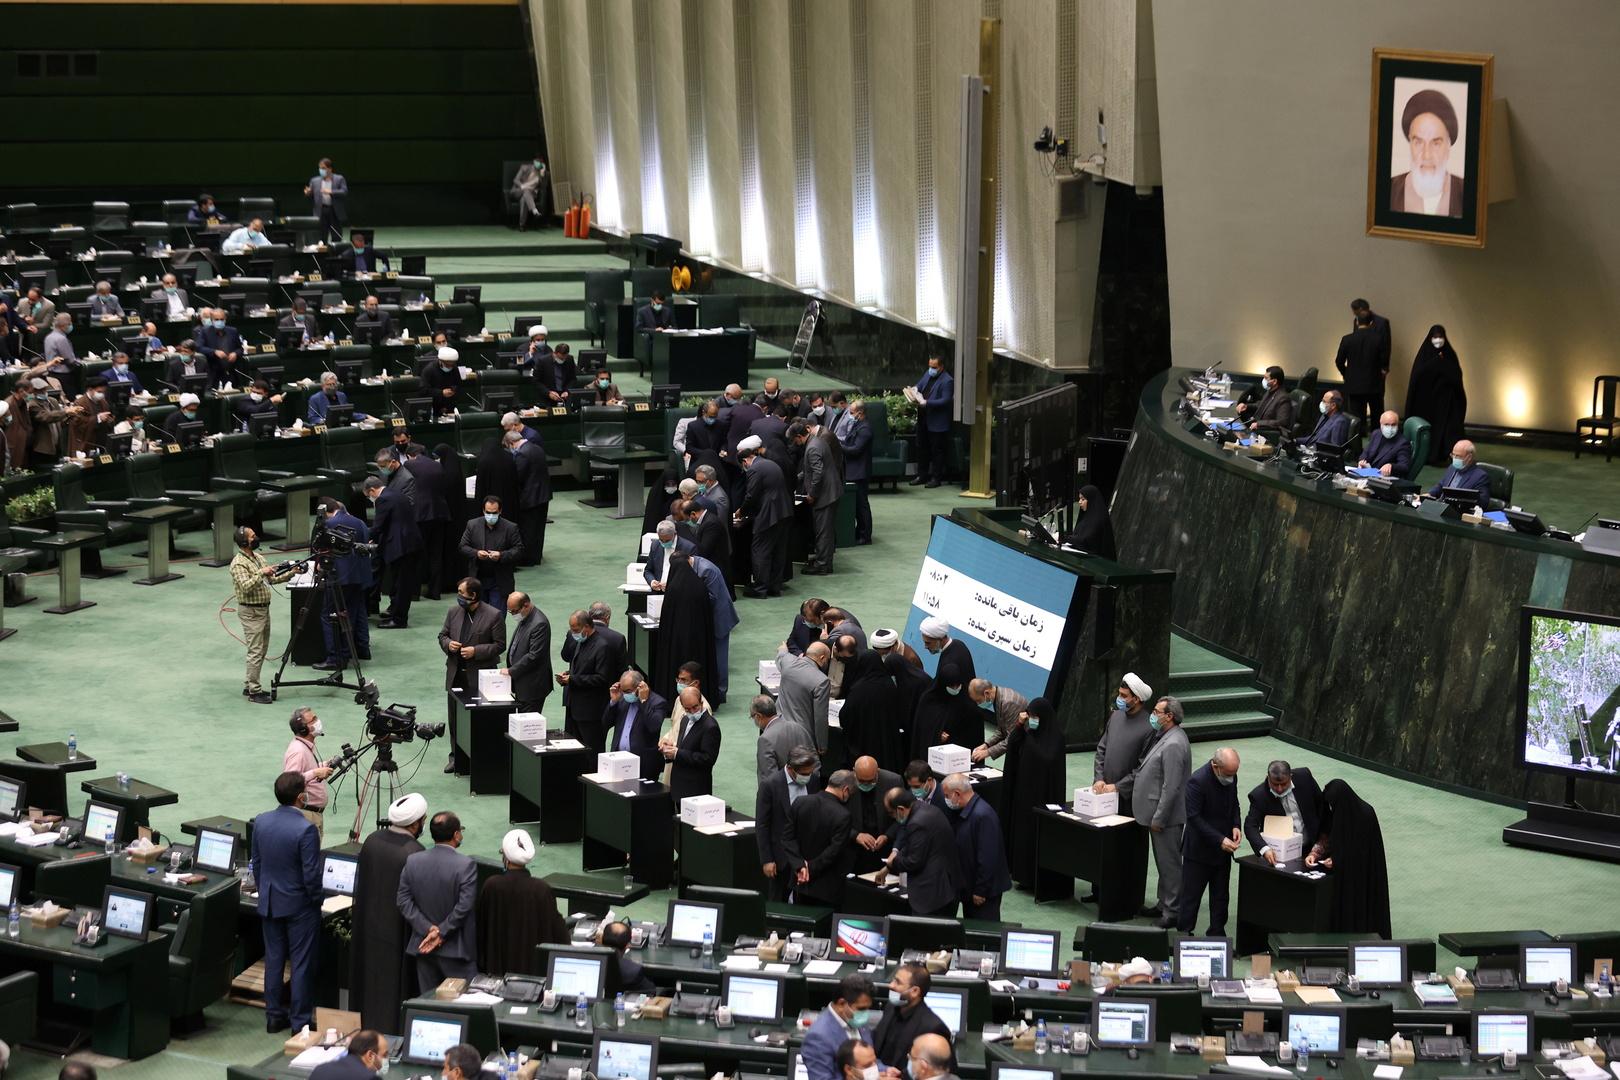 الرئيس الإيراني السابق حسن روحاني في مواجهة القضاء في 3 قضايا